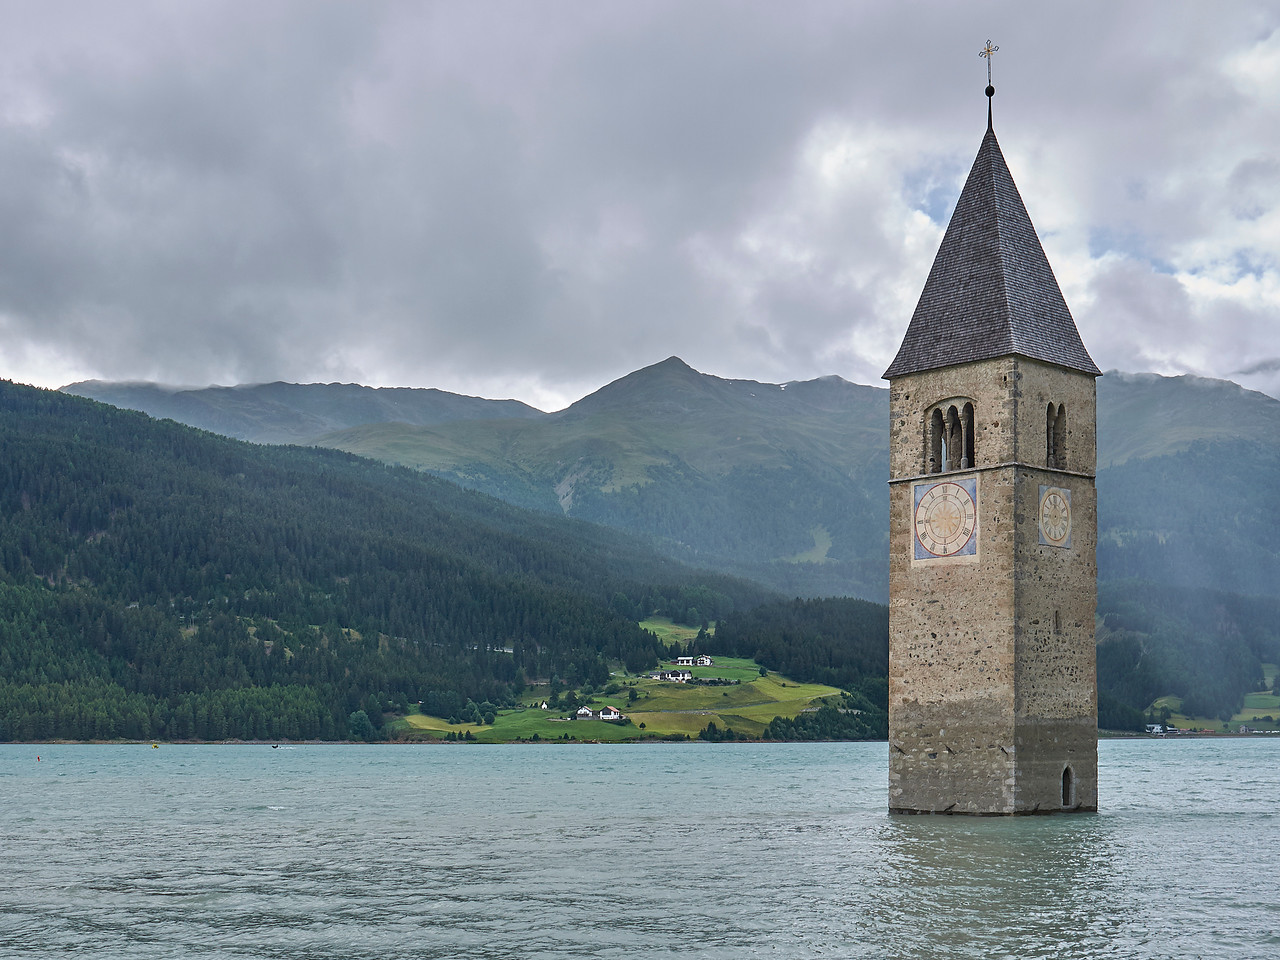 Campanile di Curon Venosta - Lago di Résia